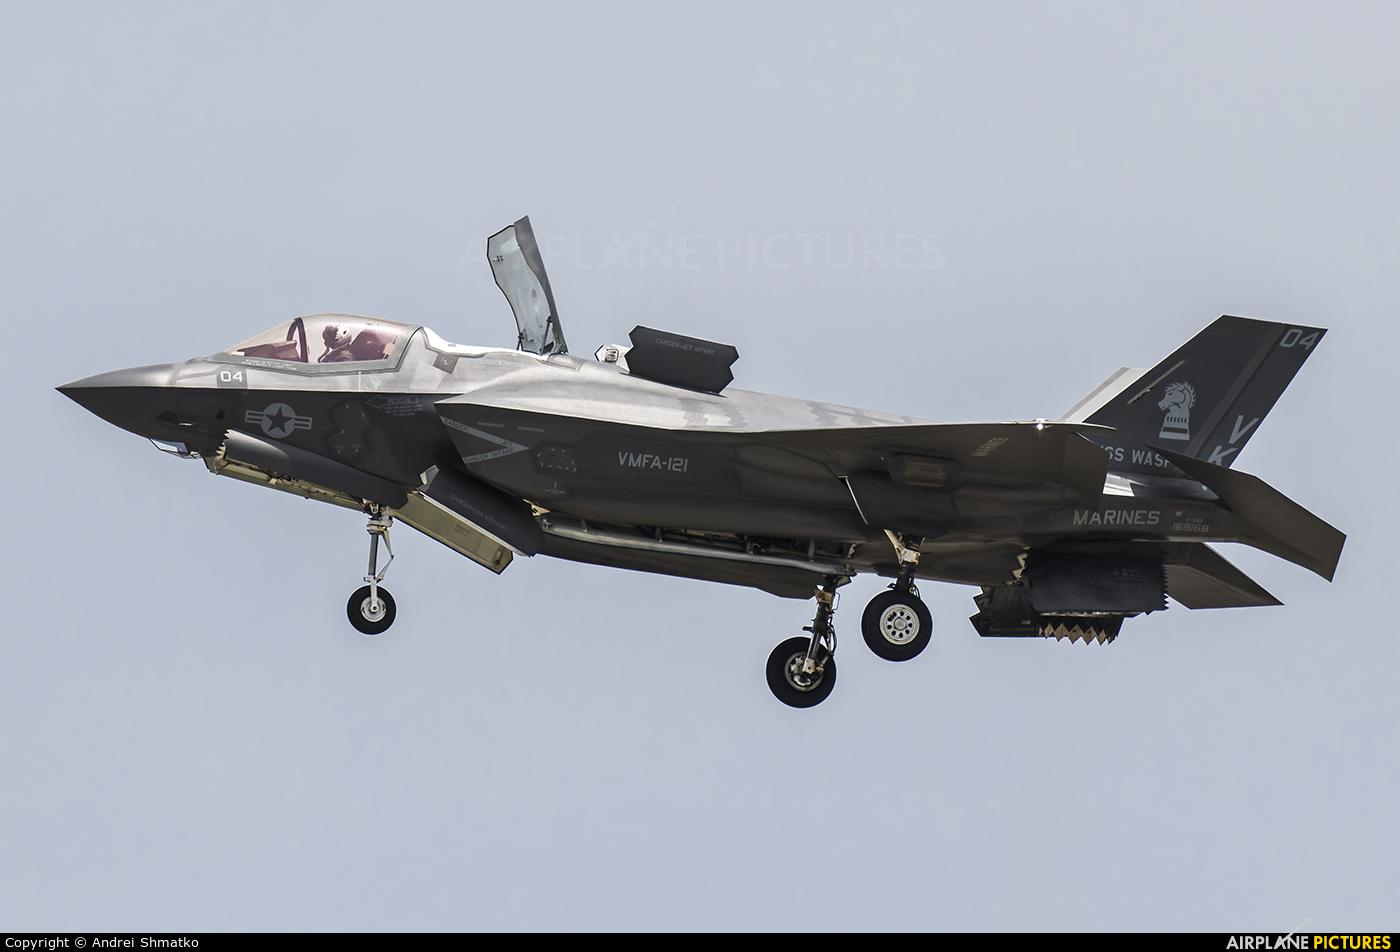 USA - Marine Corps 169168 aircraft at Iwakuni MCAS